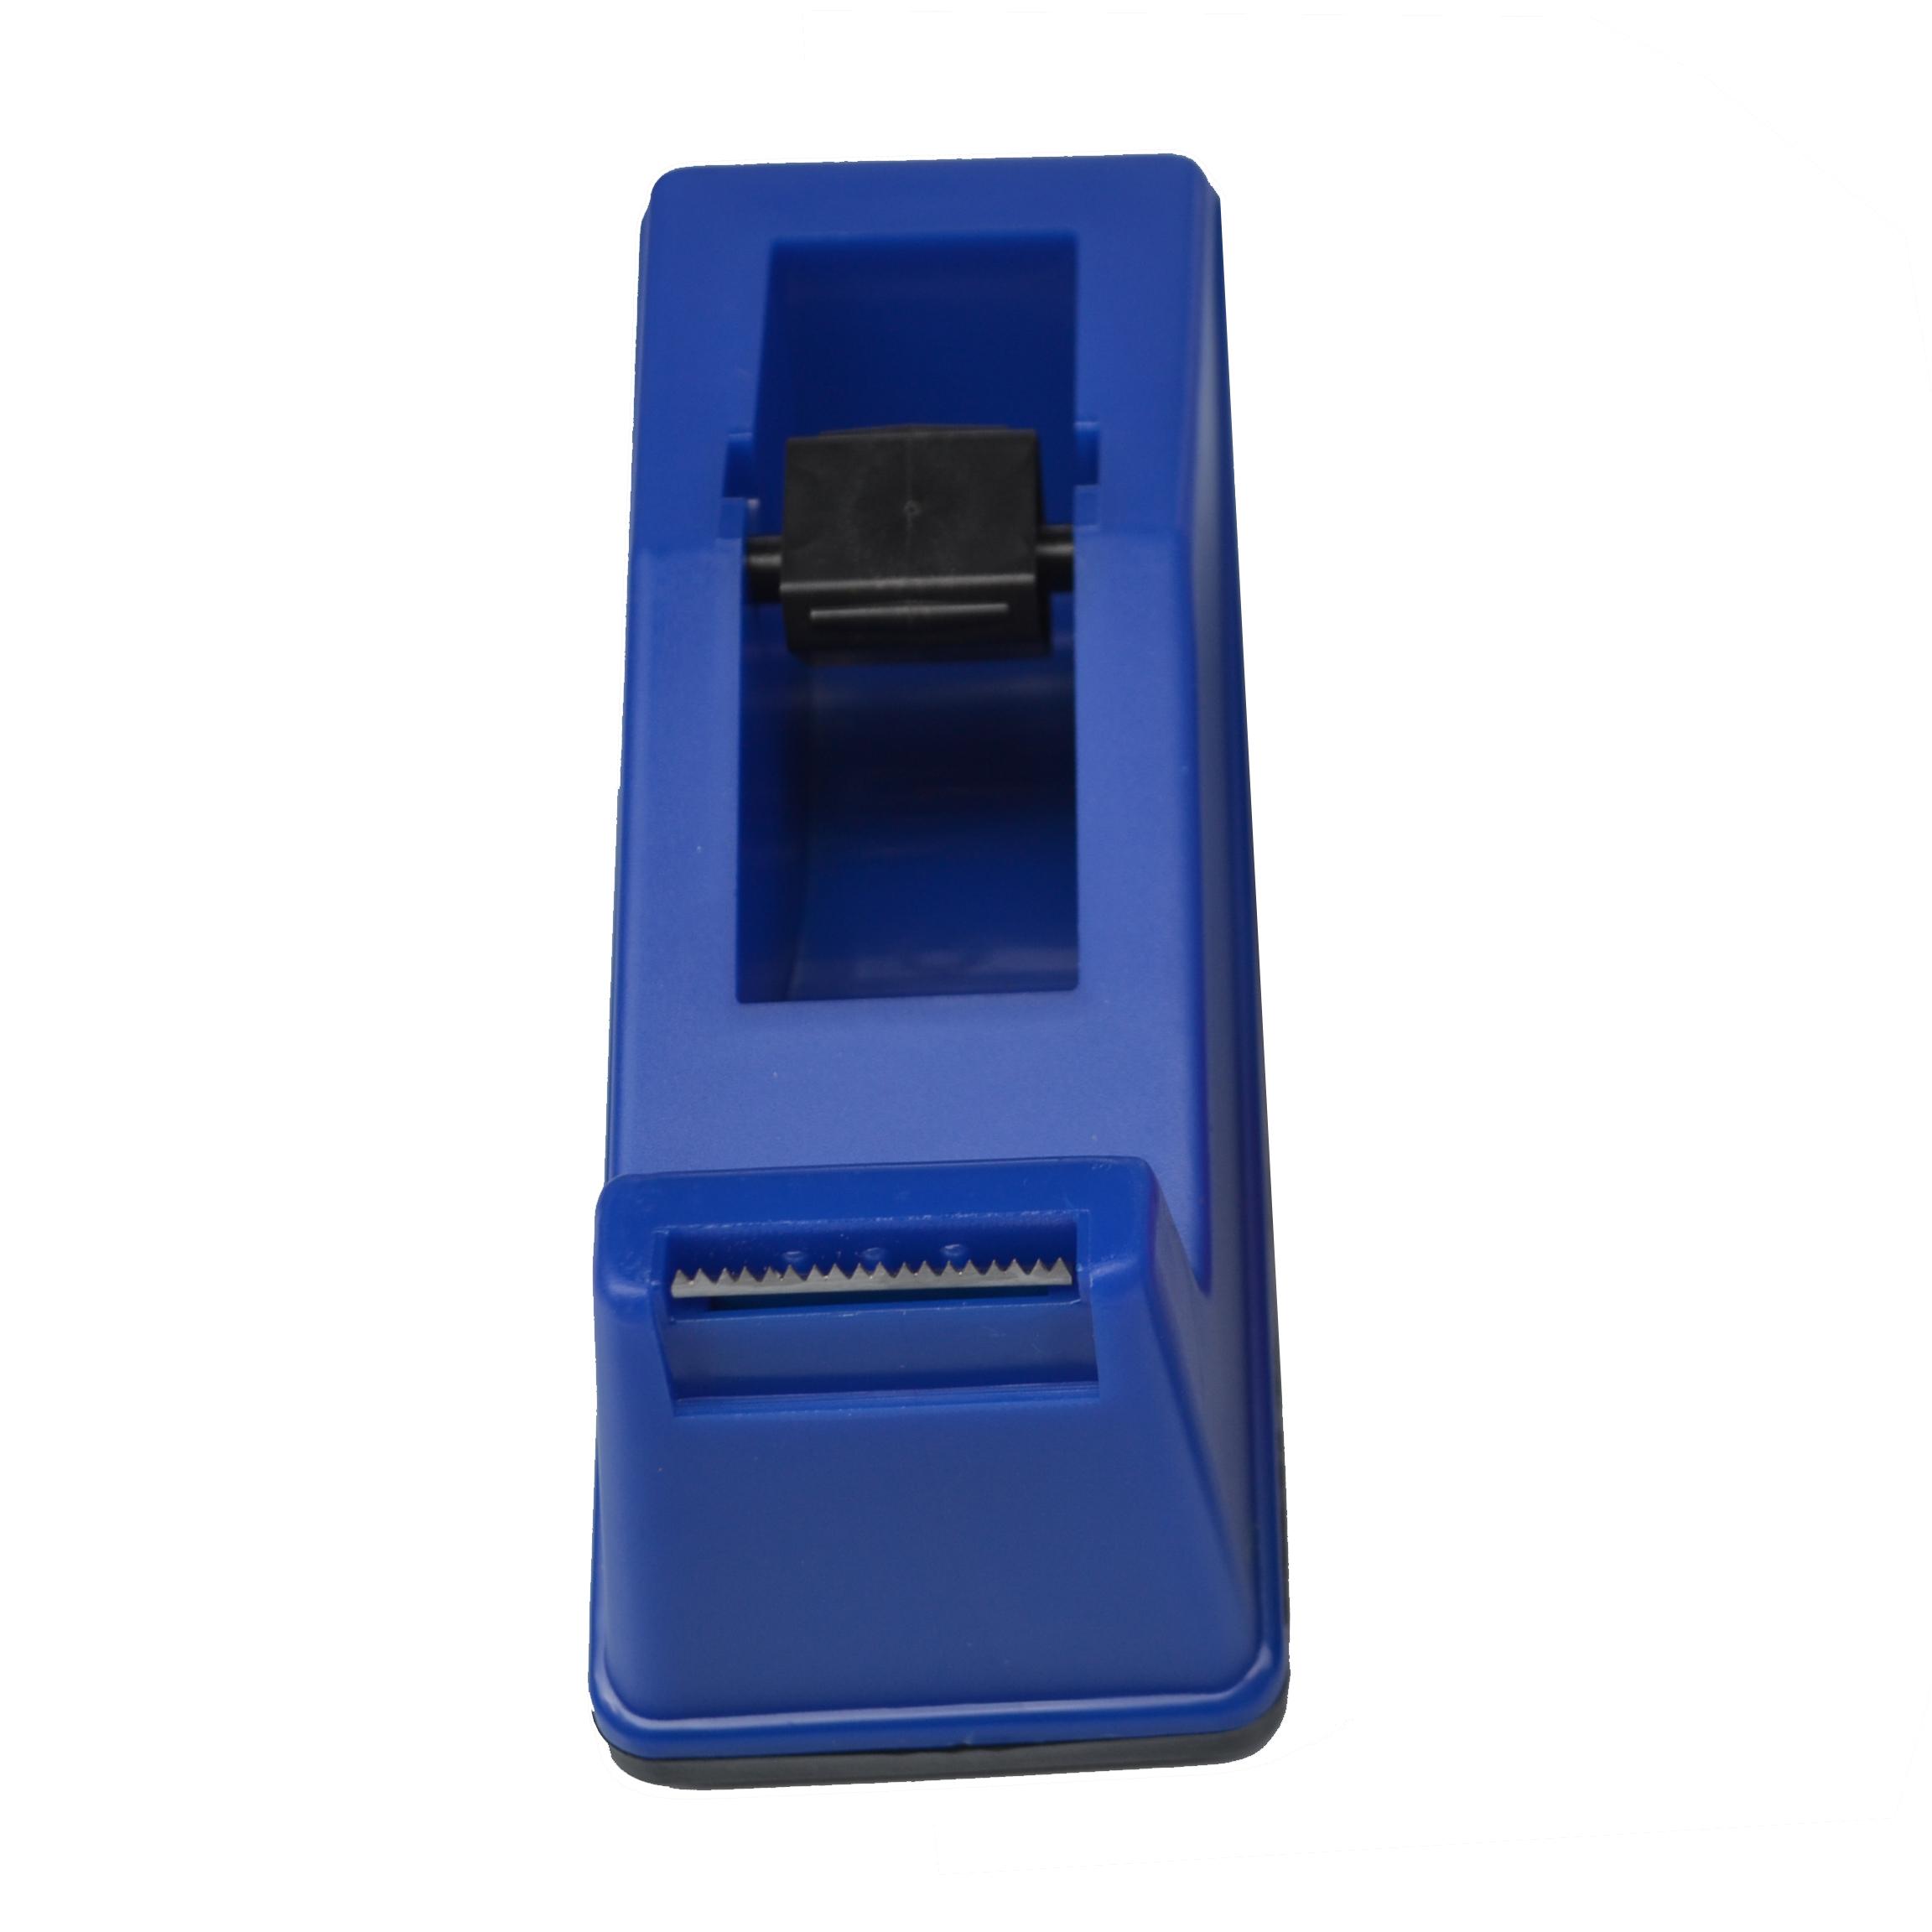 胶带切割器 台式文具胶带座 双用胶纸机 透明胶布机架小胶台